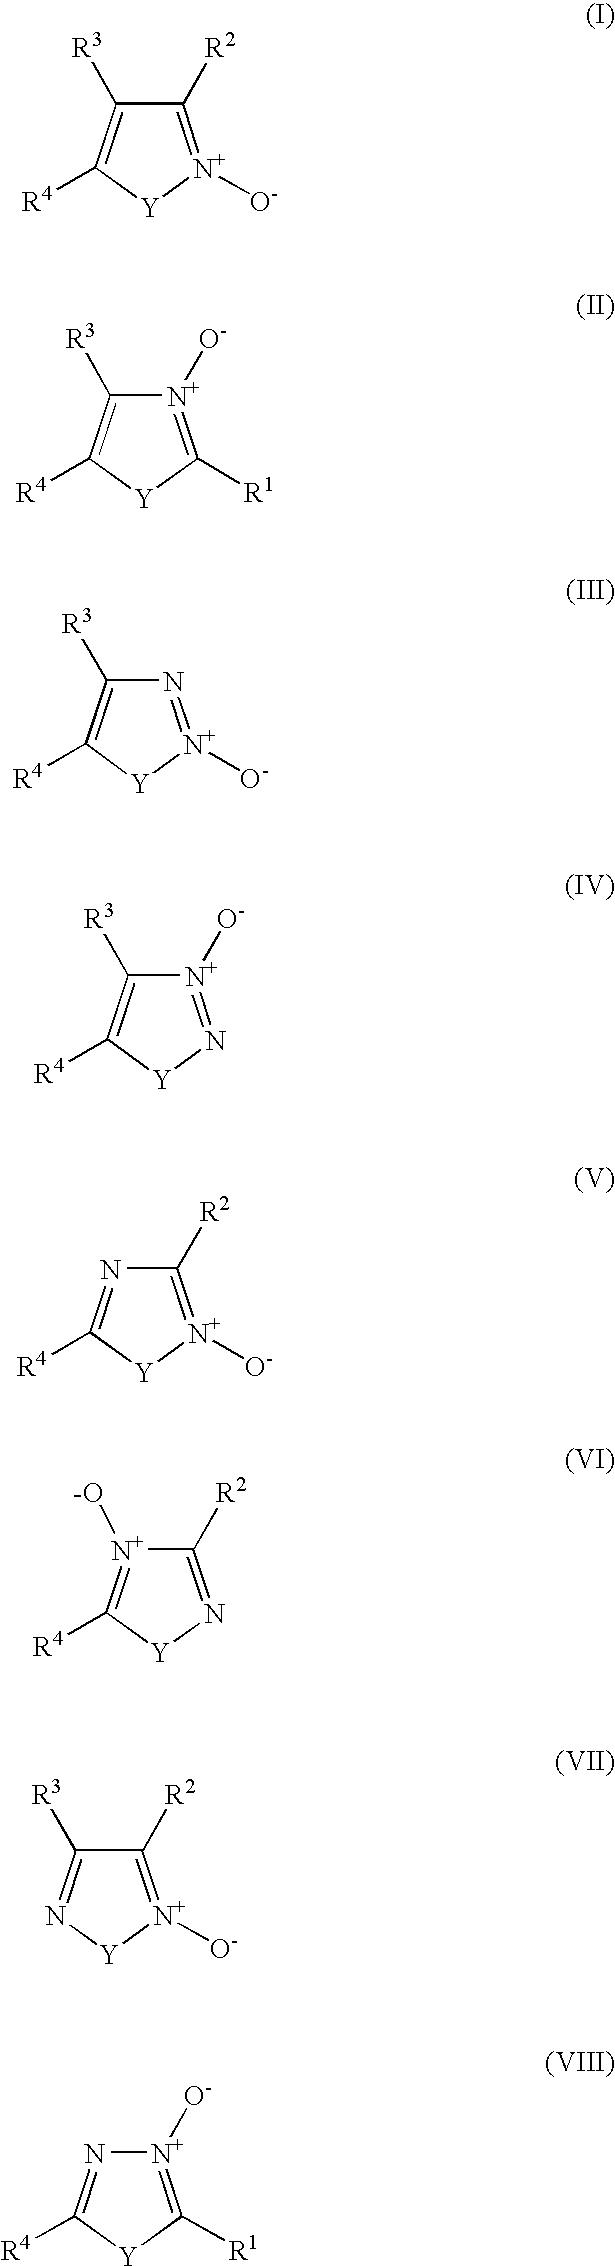 Figure US07288123-20071030-C00063